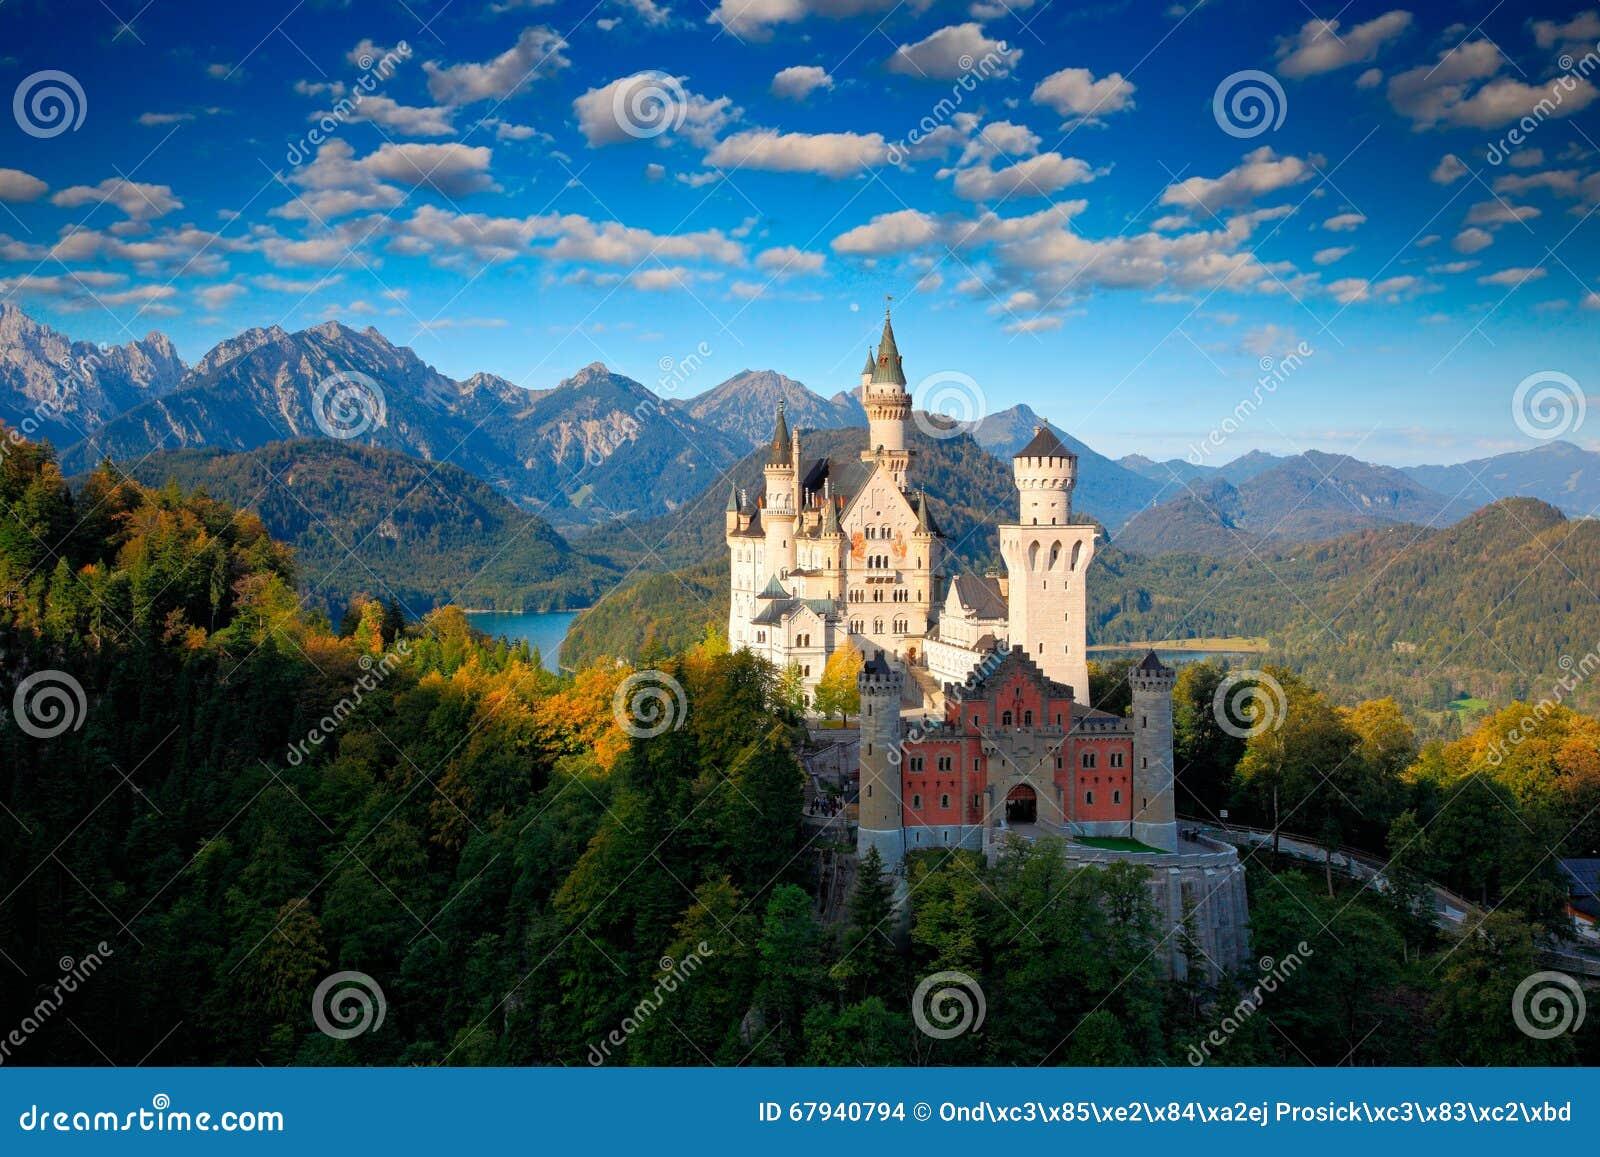 Berömd sagaslott i Bayern, Neuschwanstein, Tyskland, morgon med blå himmel med vita moln